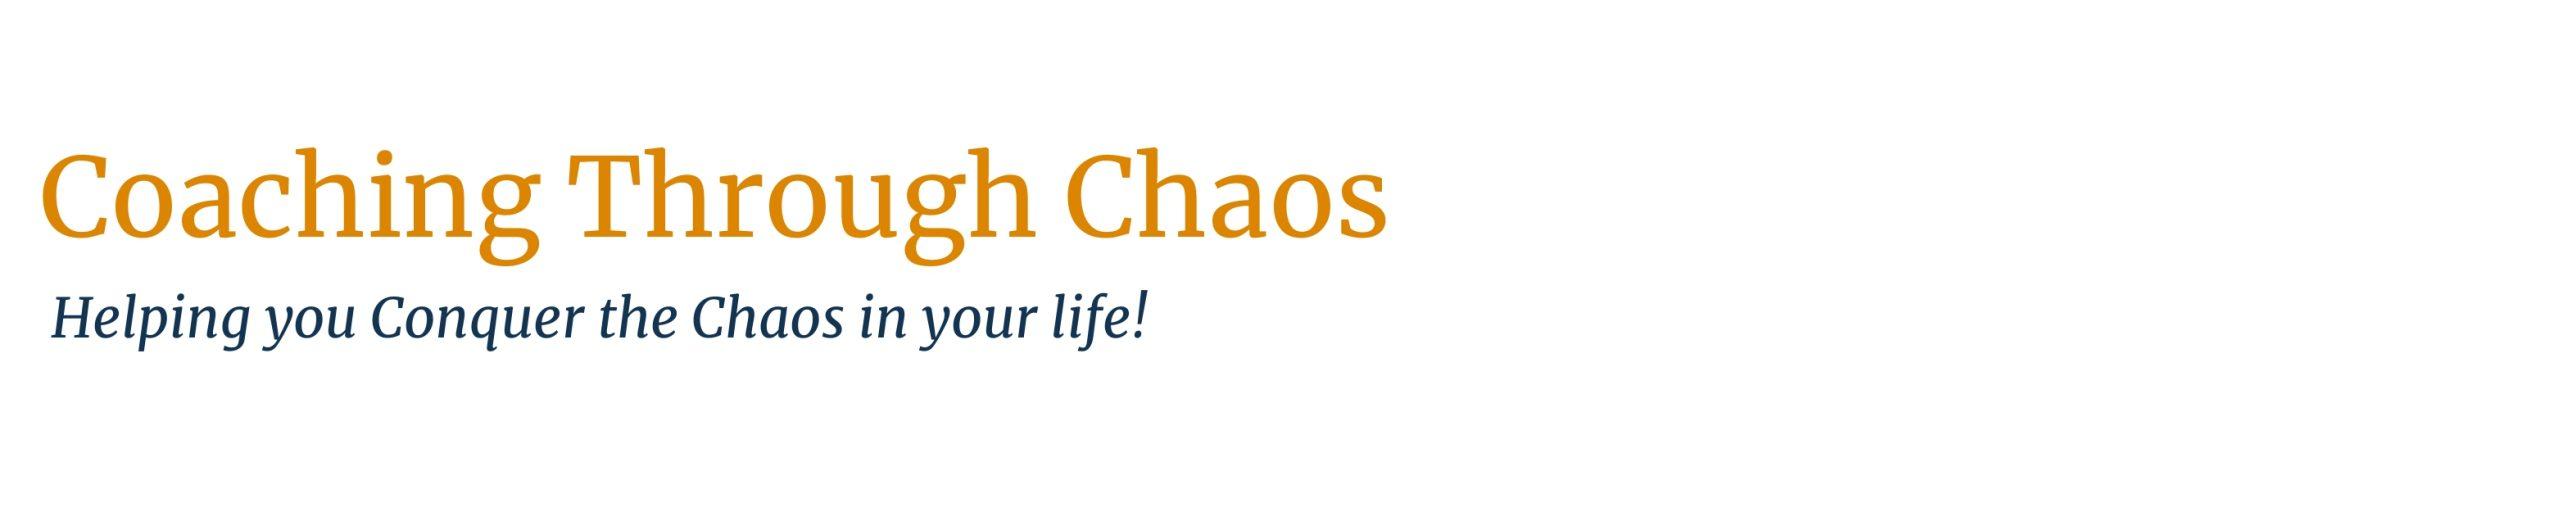 COaching Through Chaos Logo high dpi